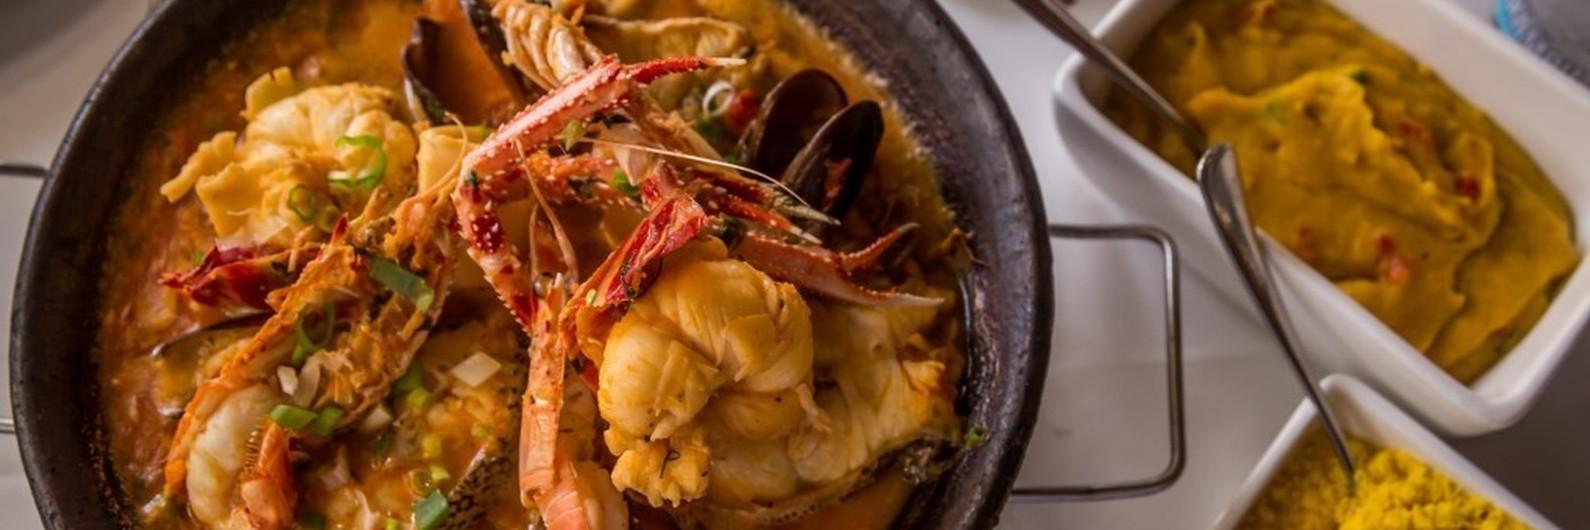 Moqueca de peixe e camarão: os sabores do mar brasileiro